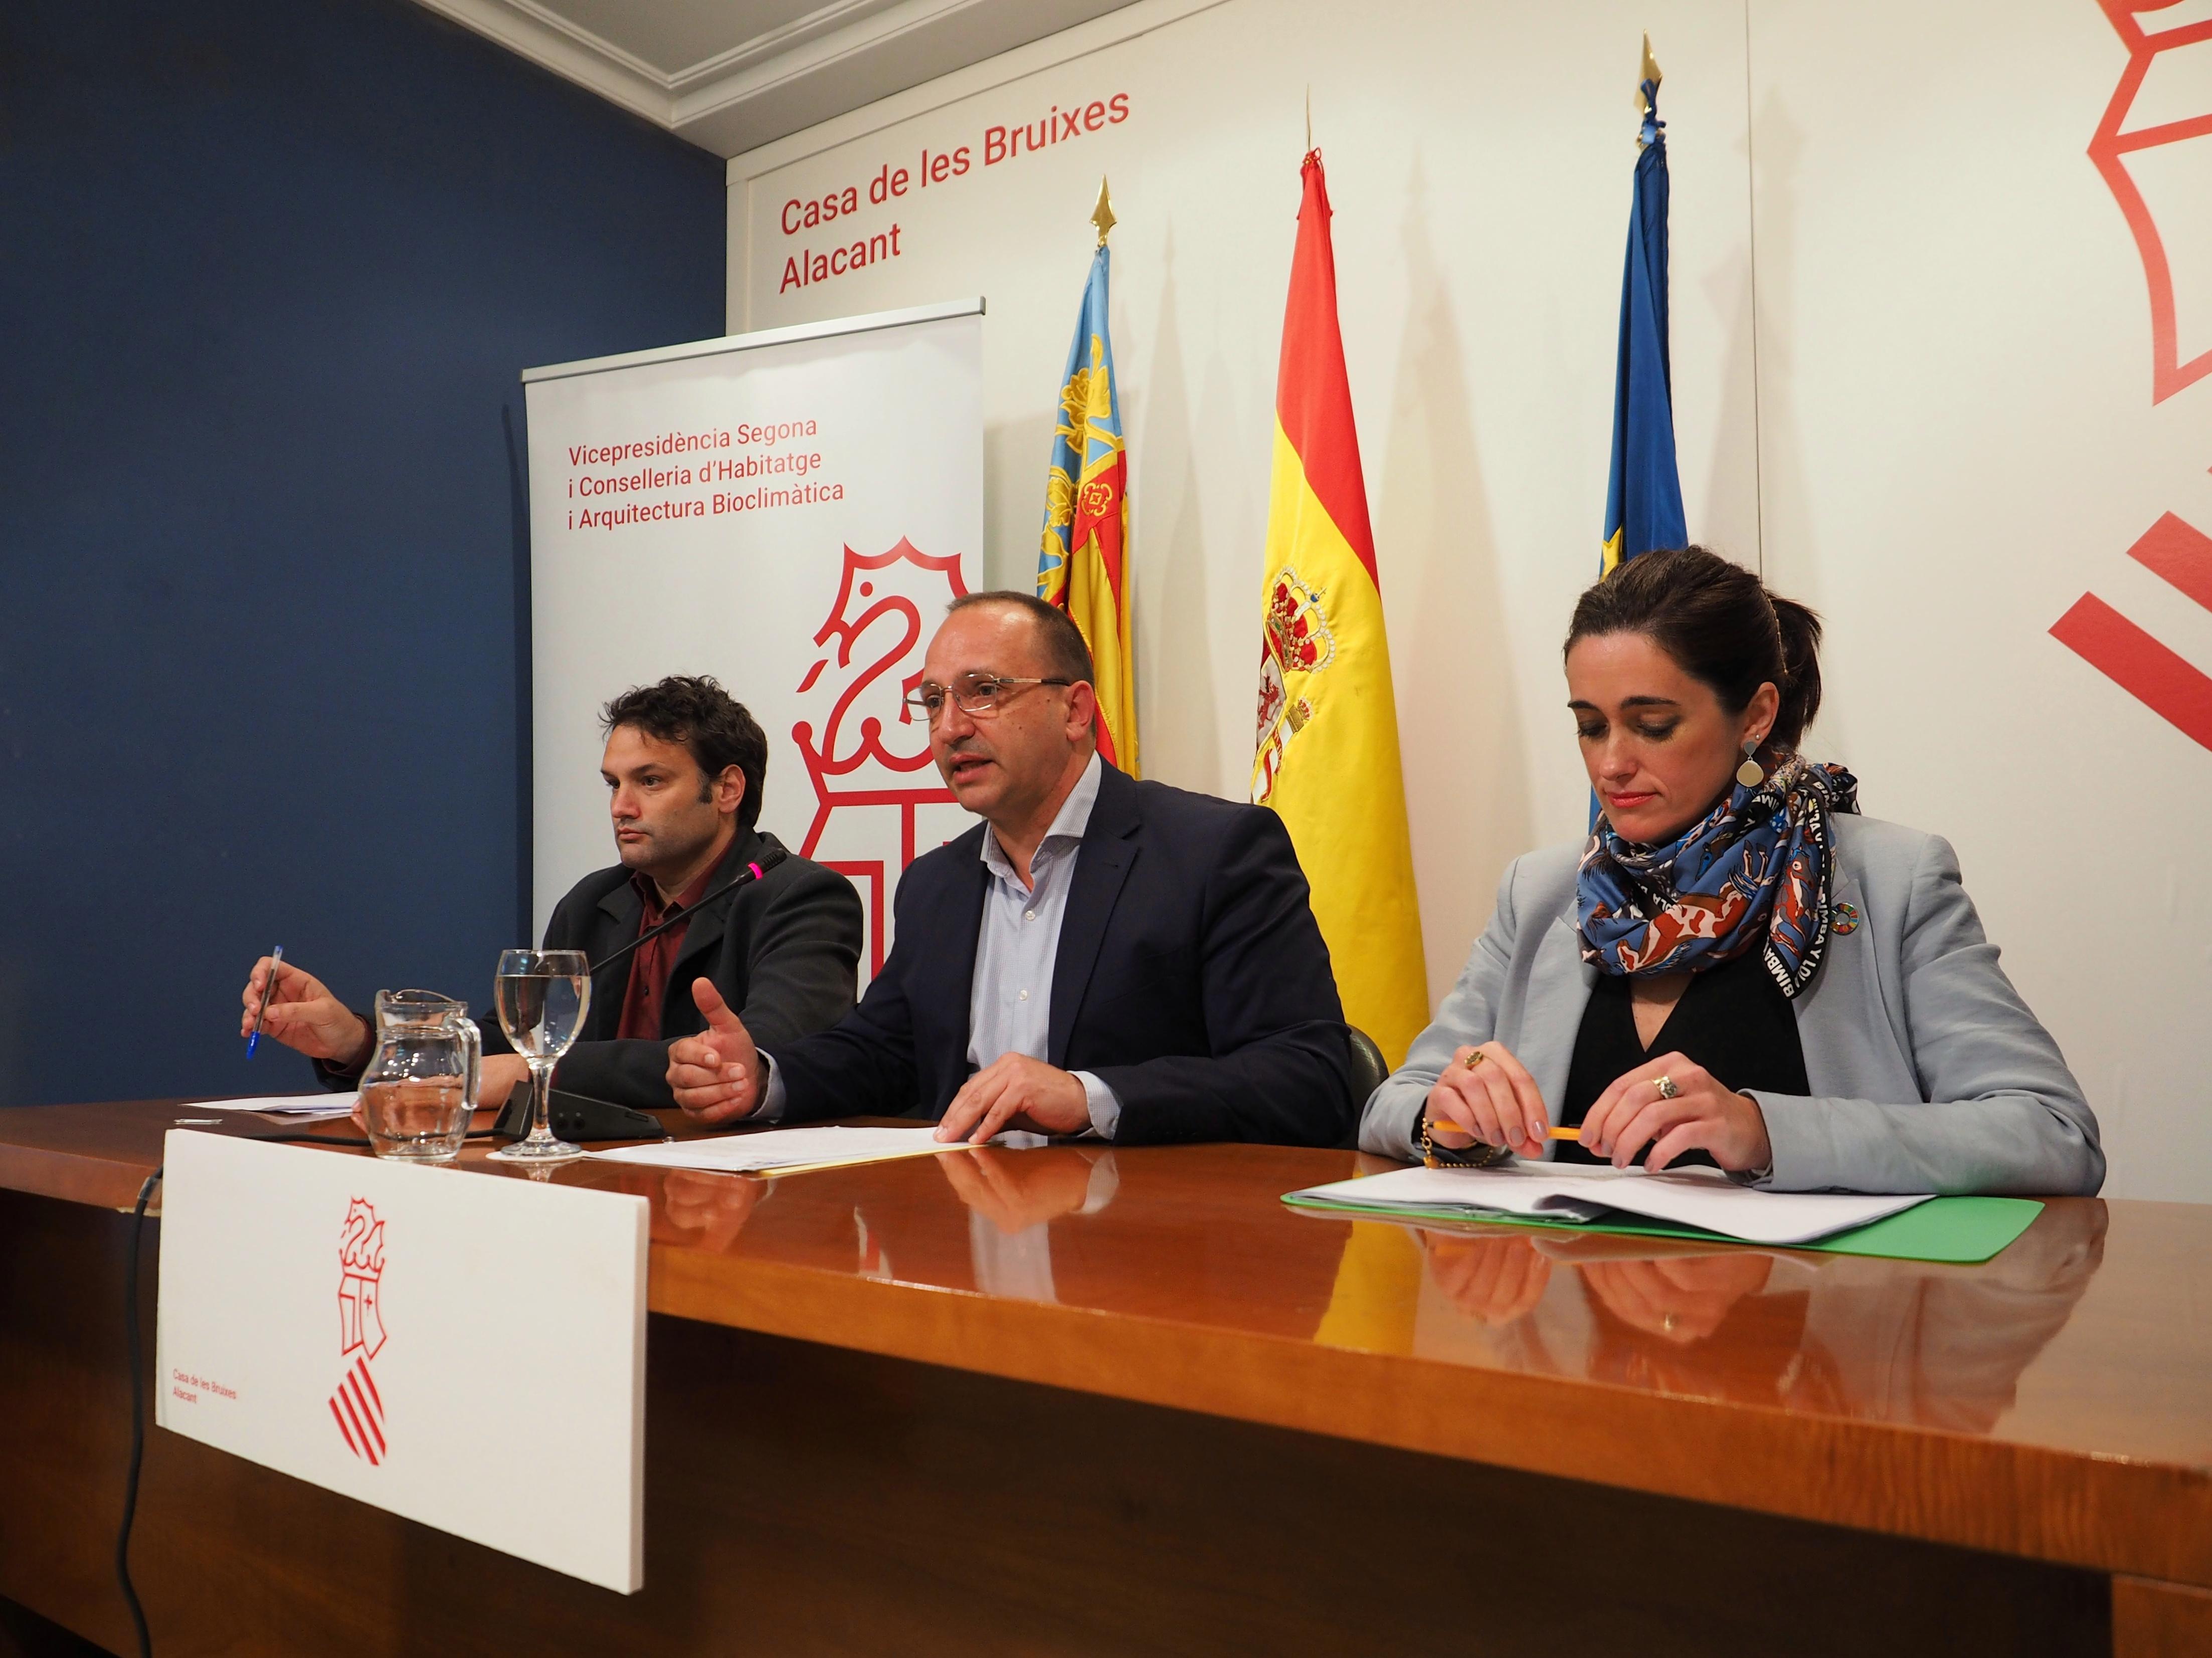 """Martínez Dalmau: """"Aquest Consell va nàixer mirant el sud i així s""""ha plasmat en la Llei de pressupostos del 2020 per a Alacant"""""""